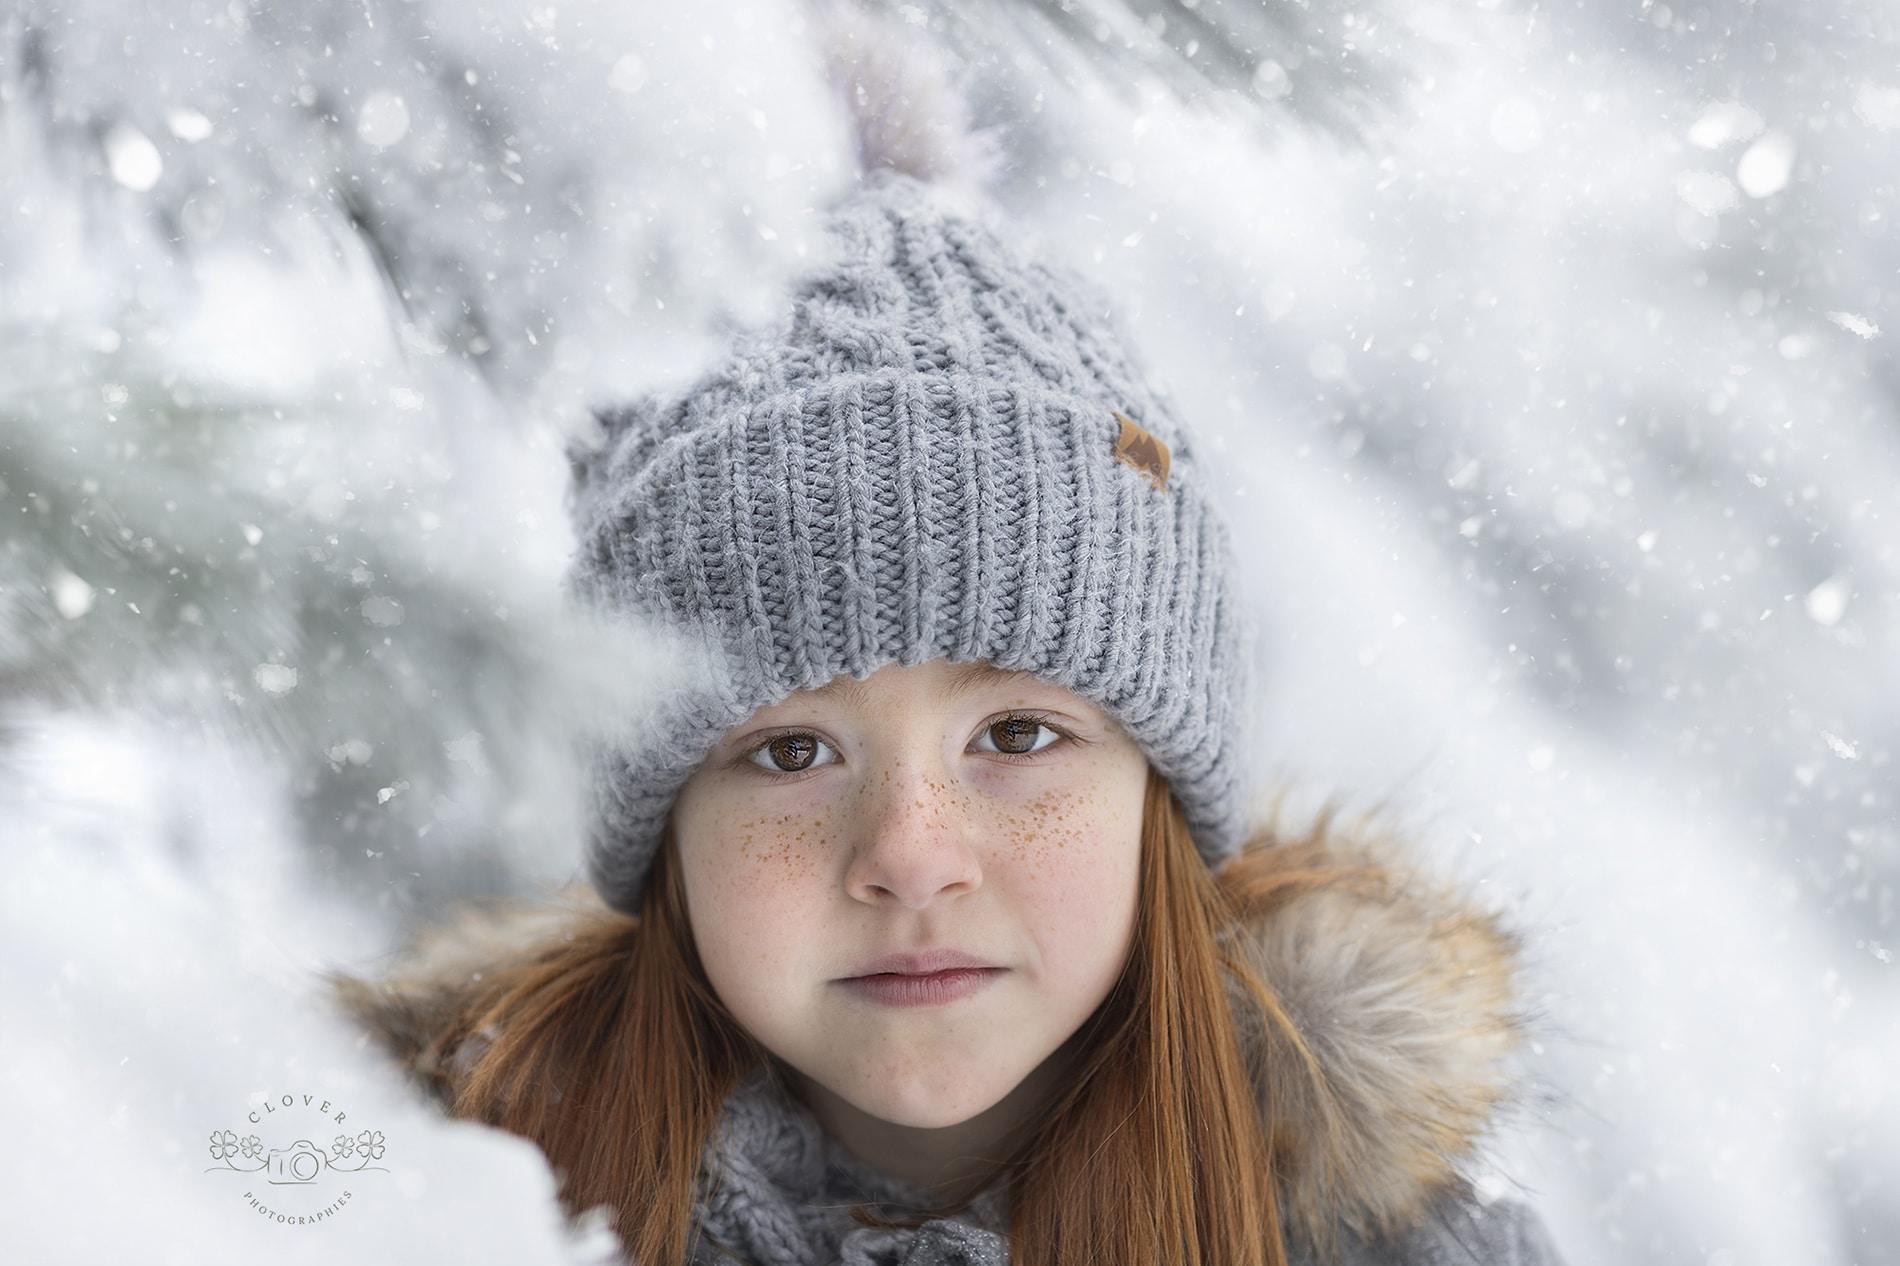 Séance photo fine art portrait enfant strasbourg - Clover Photographies